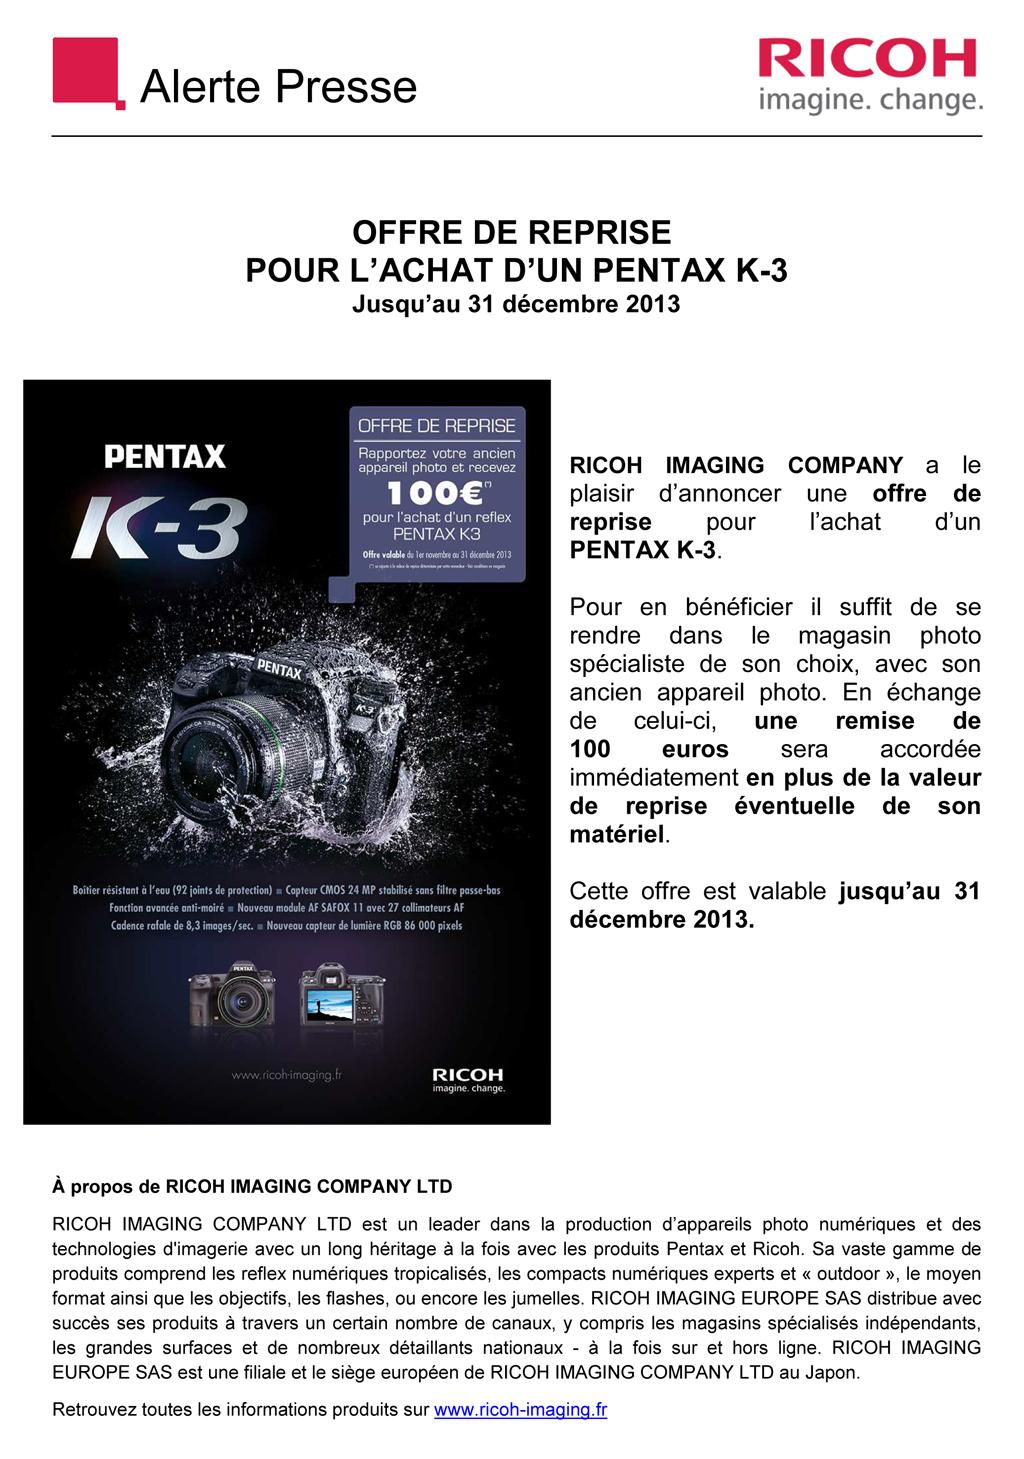 RICOH PENTAX - Alerte Presse- Offre de reprise pour achat d'un K-3 Limite 31/12/2013  Vq8p